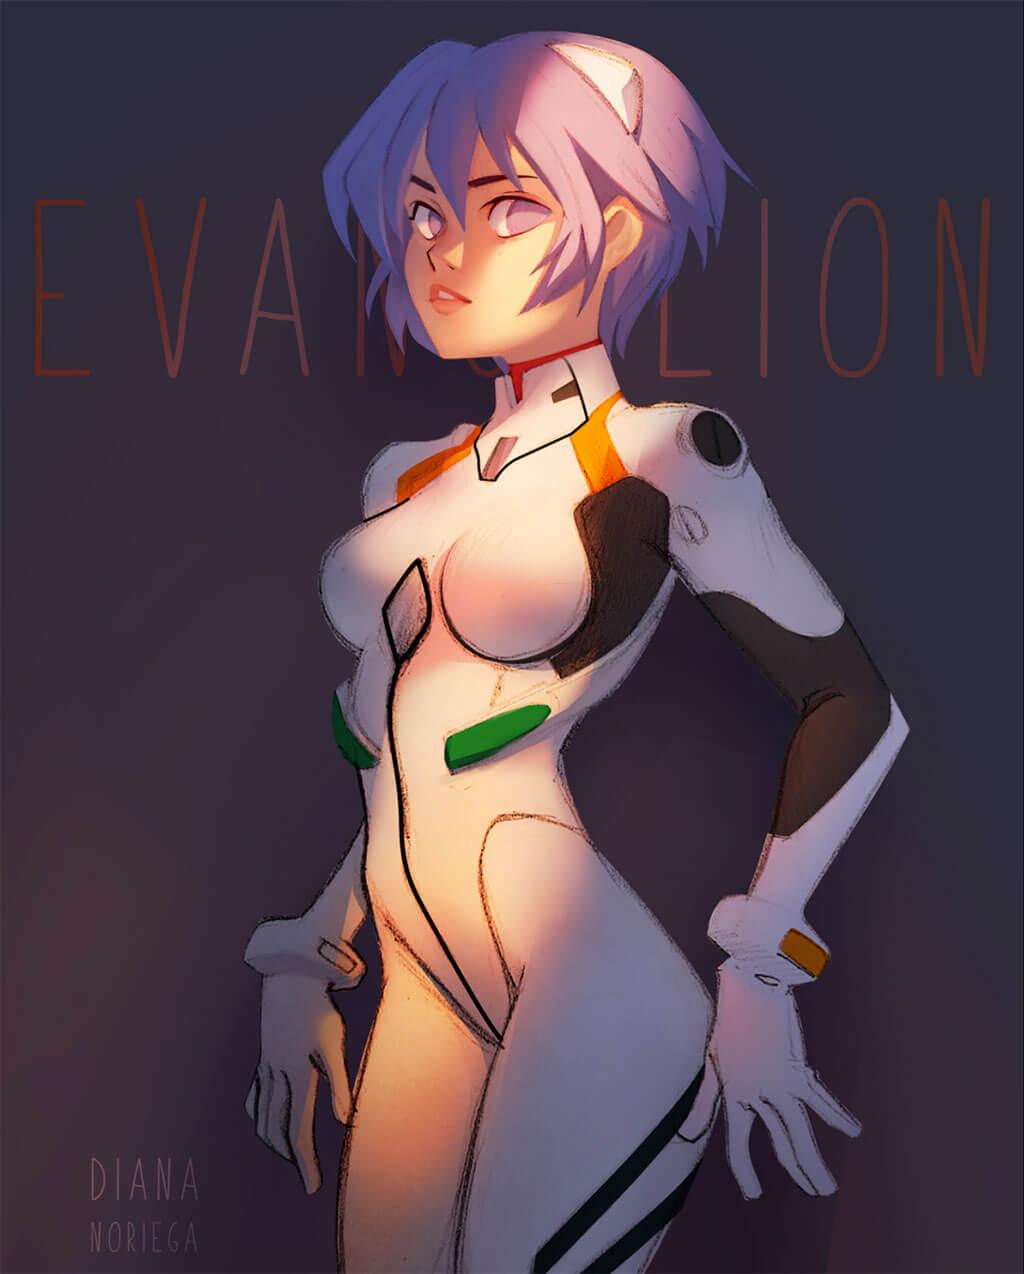 Evangelion Fan Art by Diana M. Noriega